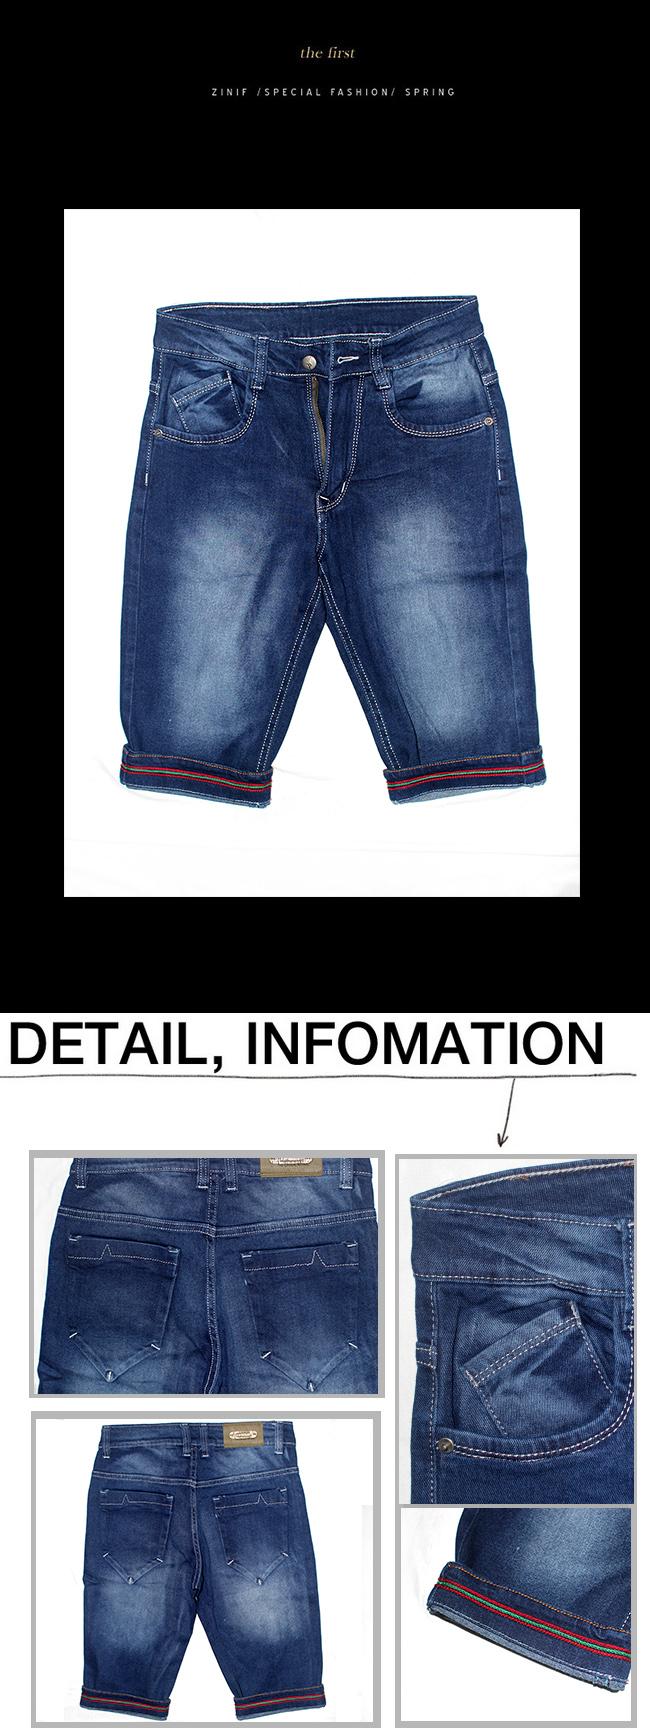 Quần short jeans xanh đen qs16 - 1